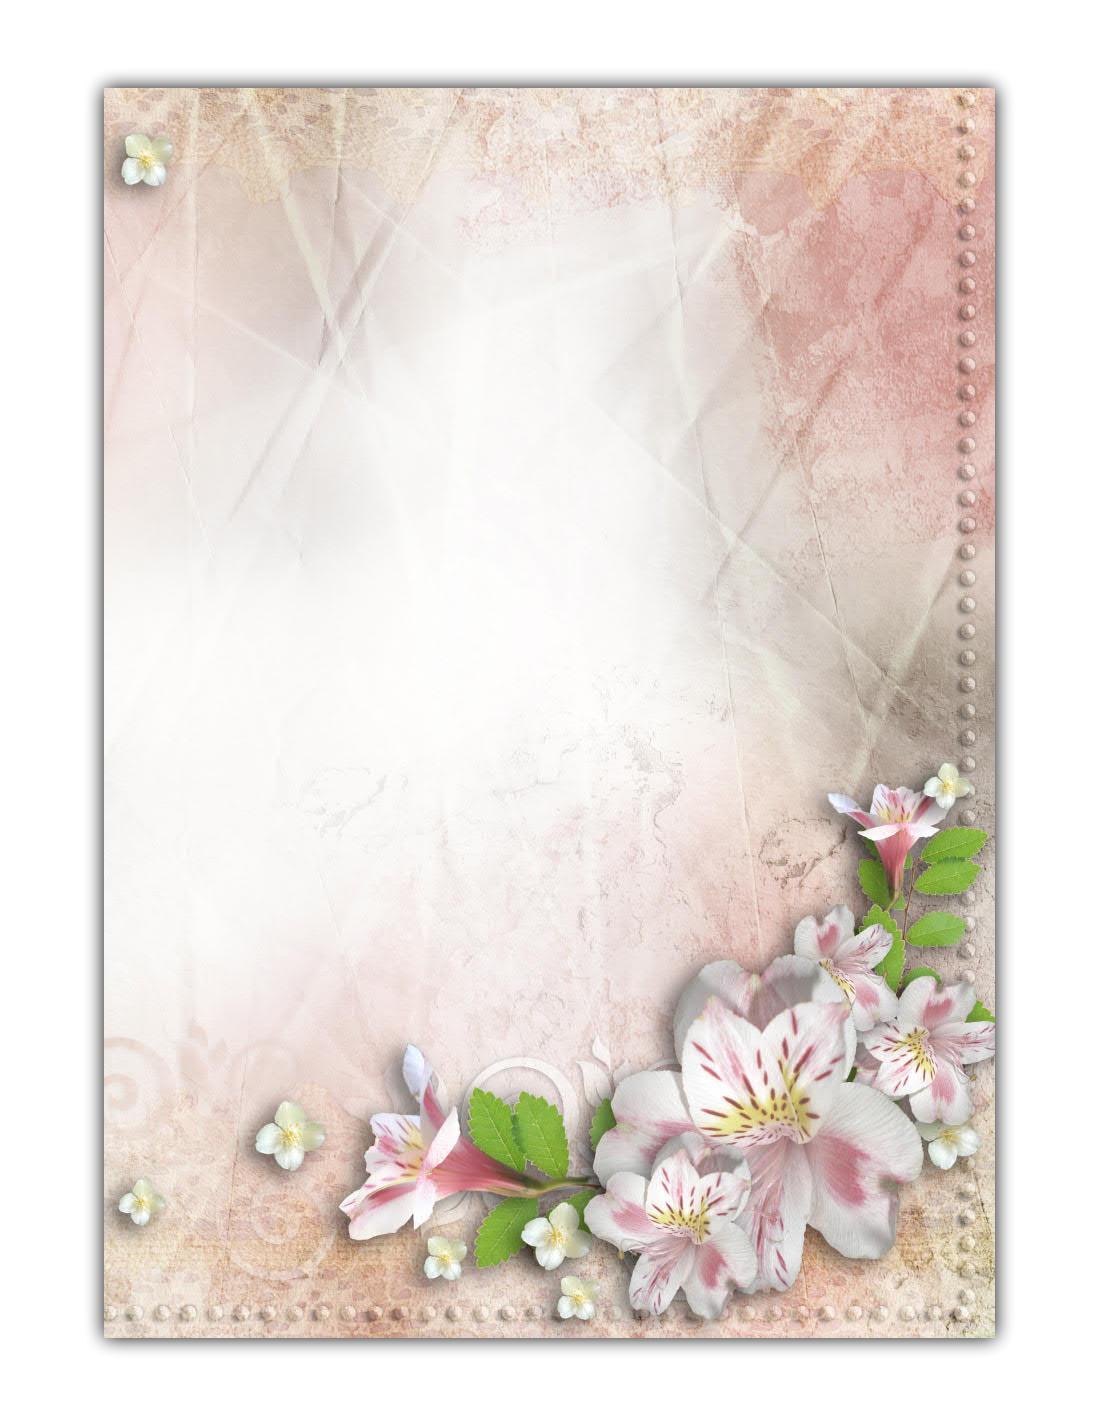 Motivpapier Briefpapier Vintage Blumen Hochzeit Einladung (MPA-5208, DIN A4, 100 Blatt)